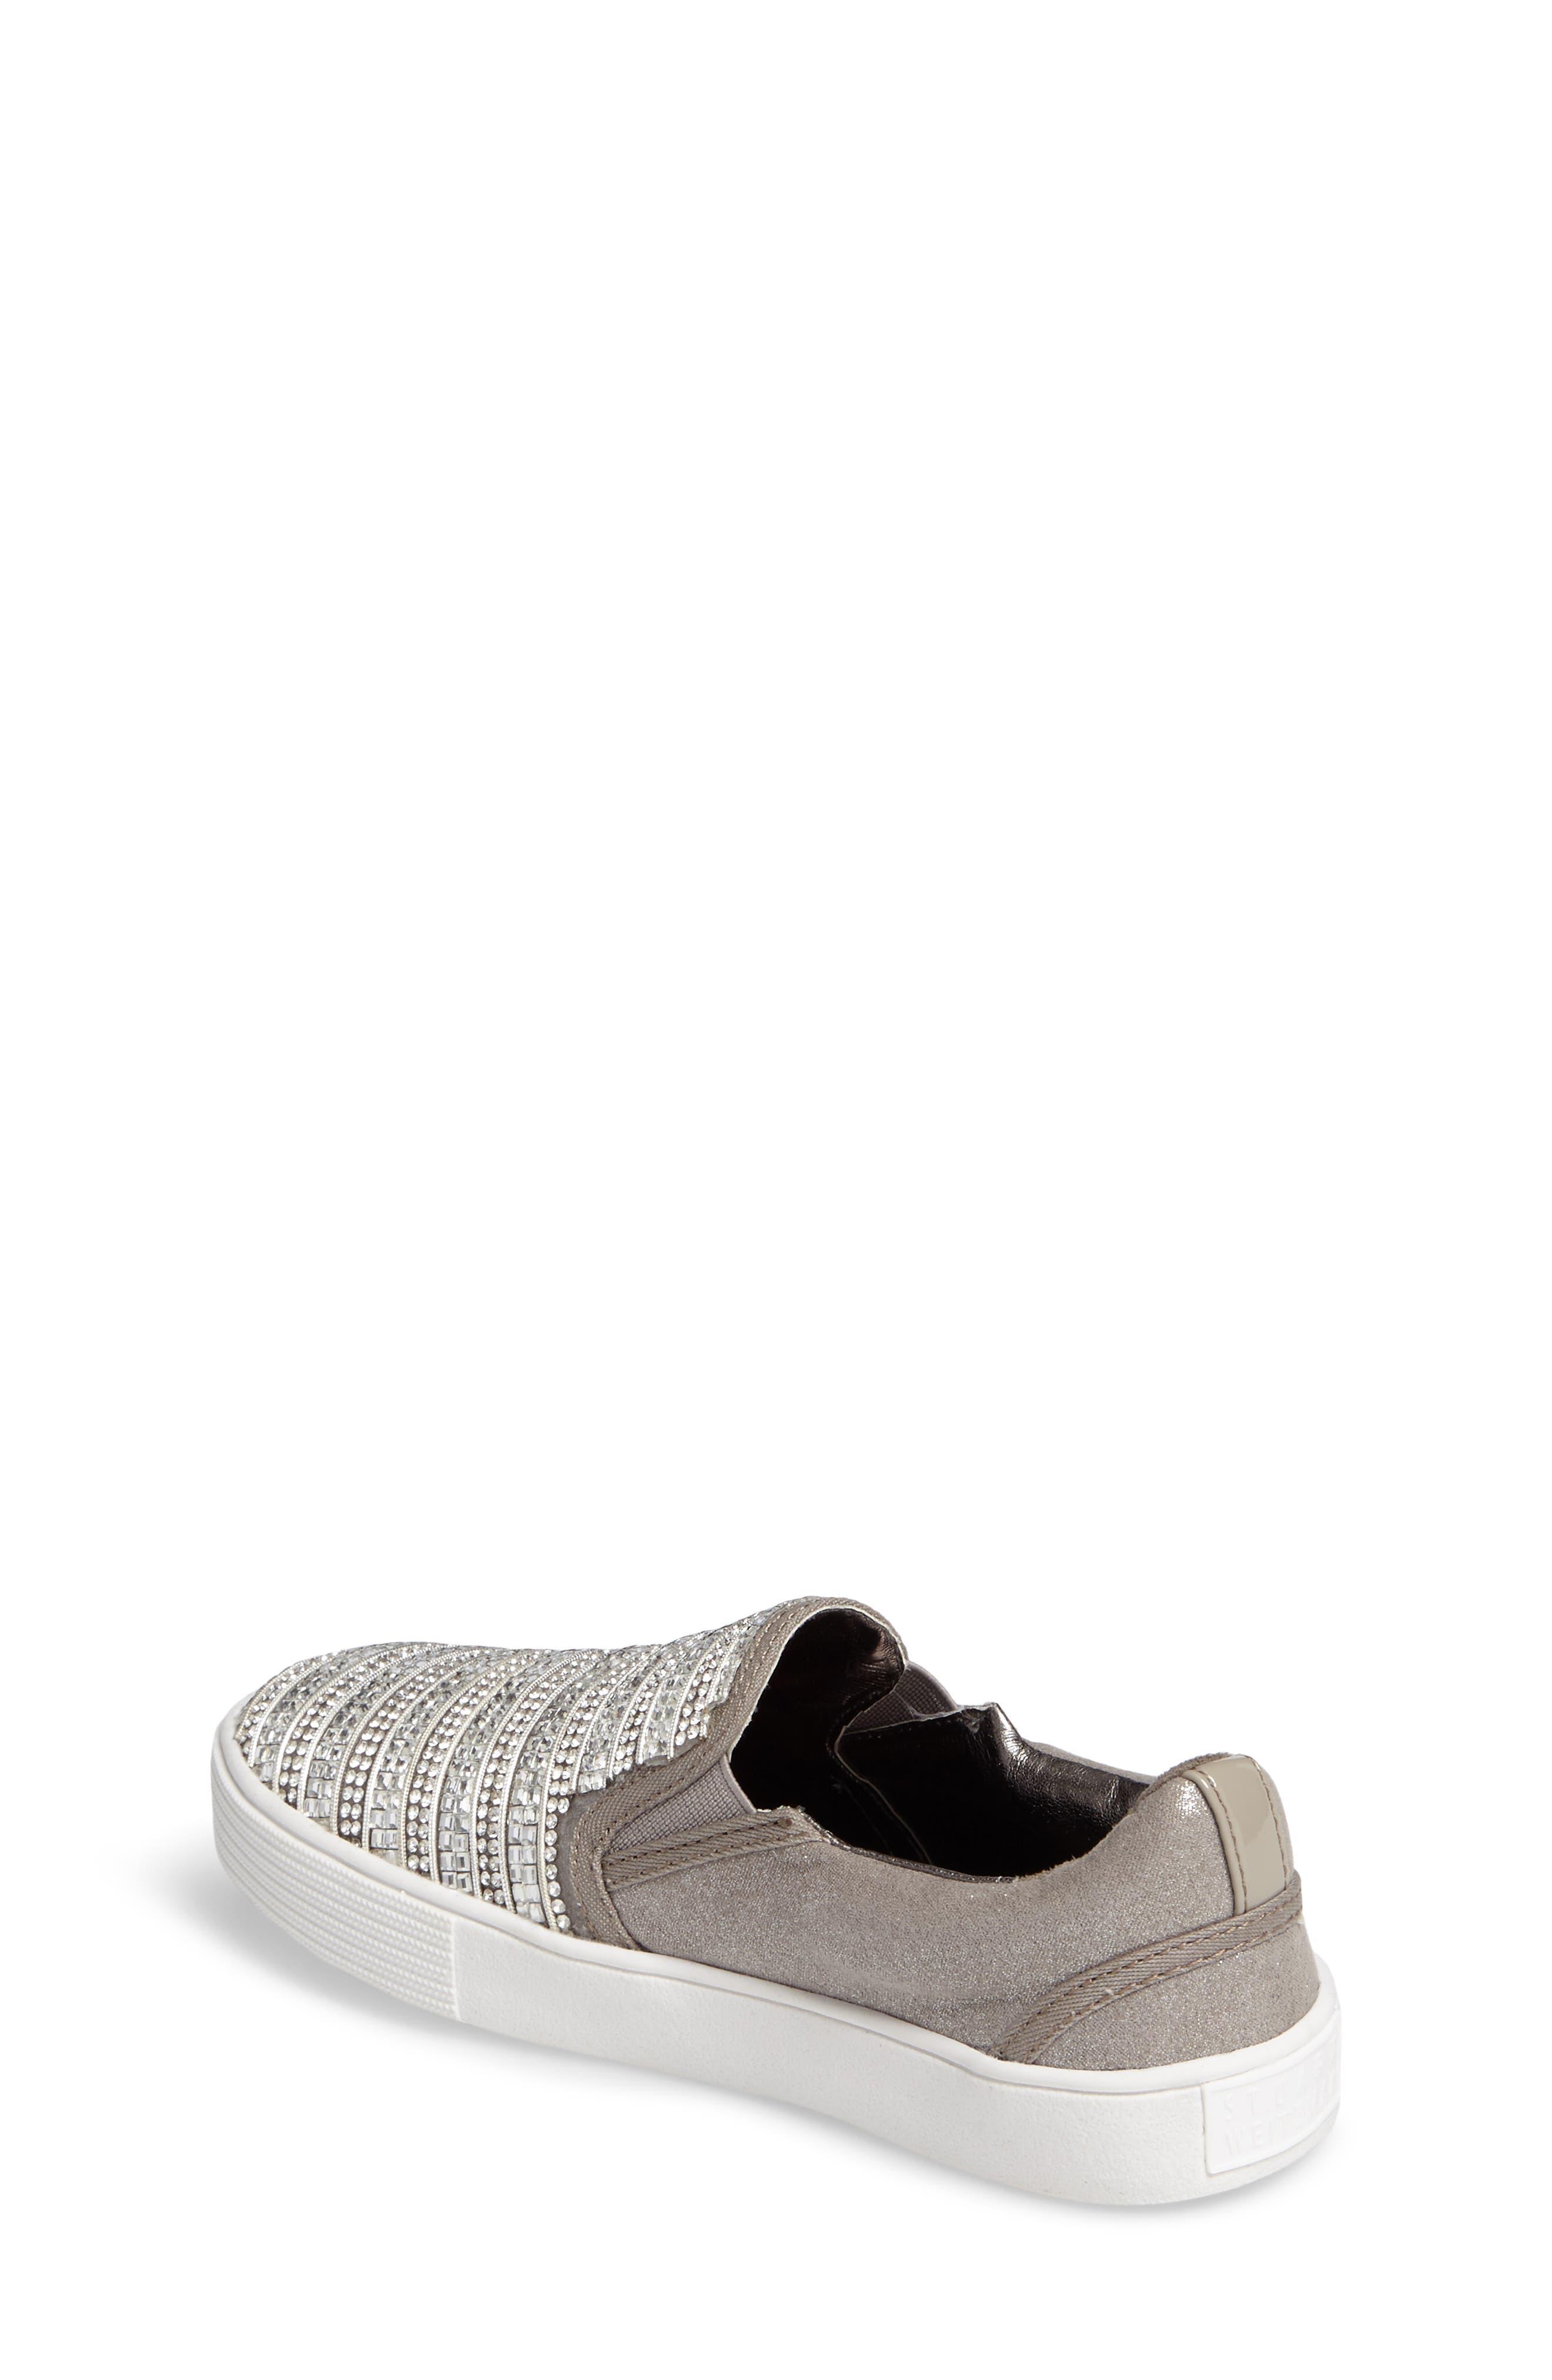 Vance Glitz Slip-On Sneaker,                             Alternate thumbnail 5, color,